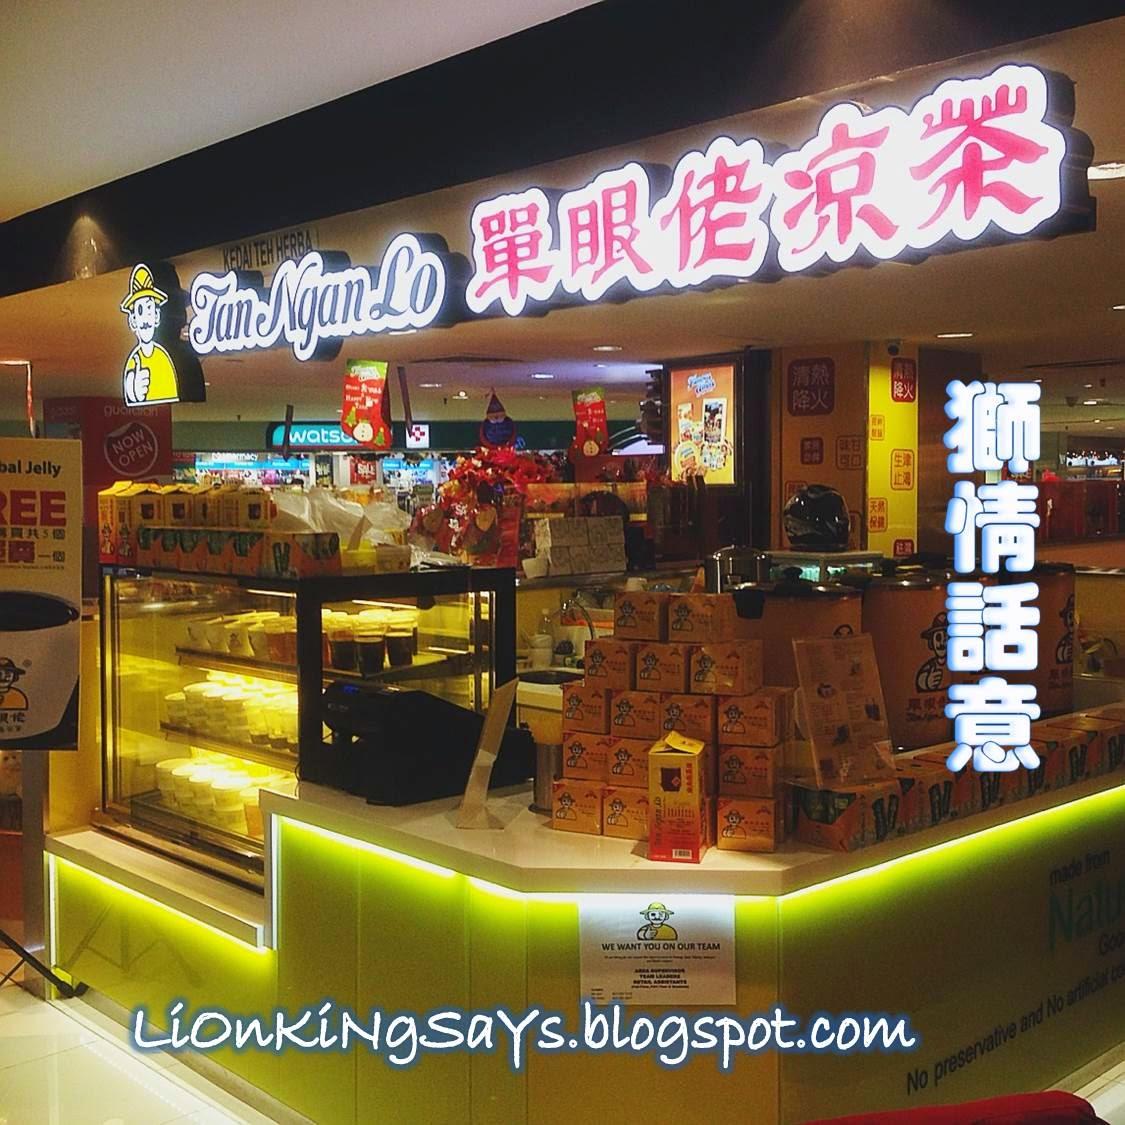 獅情話意: 檳城美食: 單眼佬 (Tan Ngan Lo, Penang) - 一個讓馬來西亞人驕傲的涼茶品牌